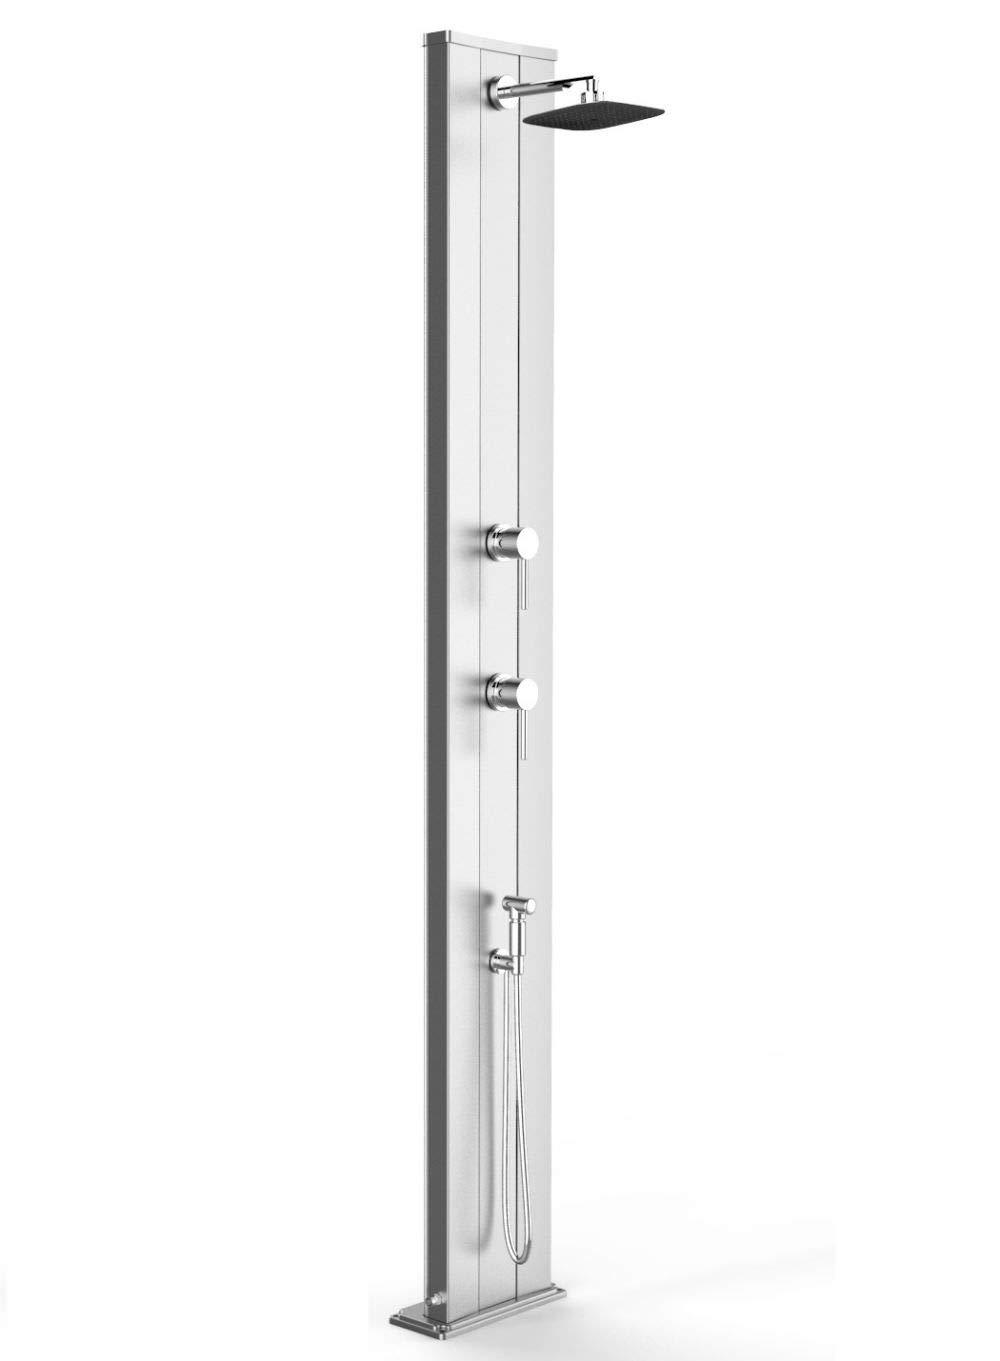 La Douche Solaire Aluminium : Meilleurs Modèles - Guide D à Douches Solaires